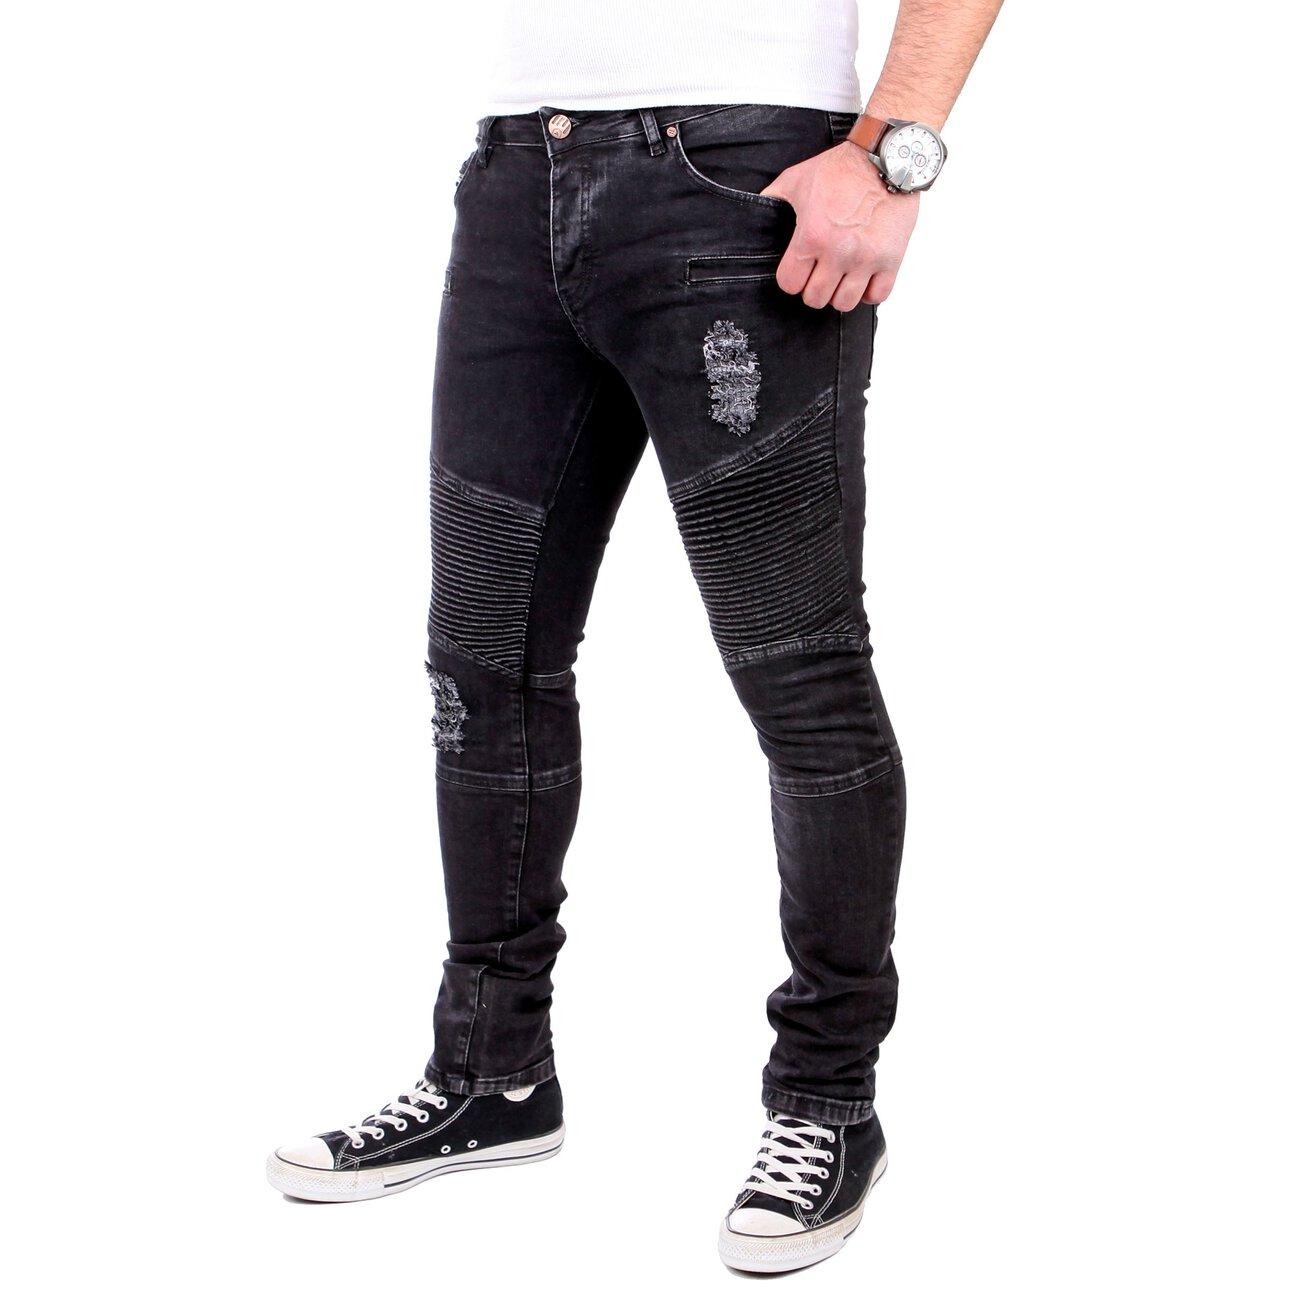 reslad jeans herren biker jeans slim fit denim stretch ripped jeans hose. Black Bedroom Furniture Sets. Home Design Ideas